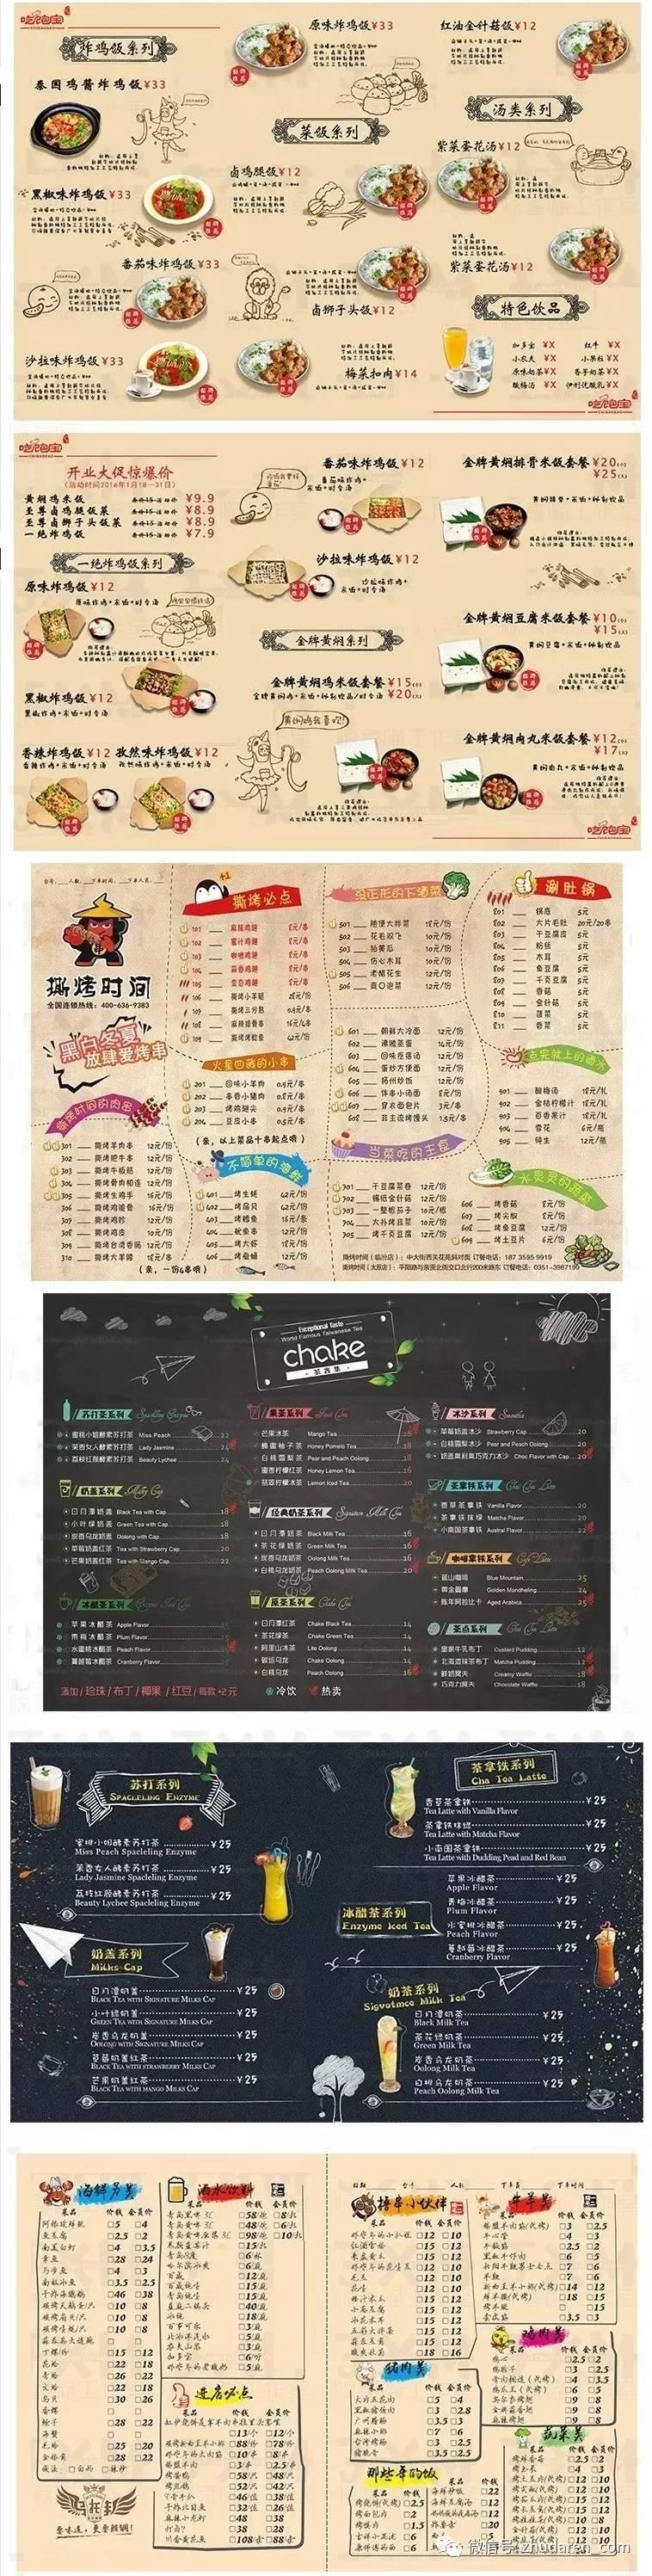 手绘菜单中餐西餐咖啡果汁饮品创意菜牌设计素材价格表psd模板